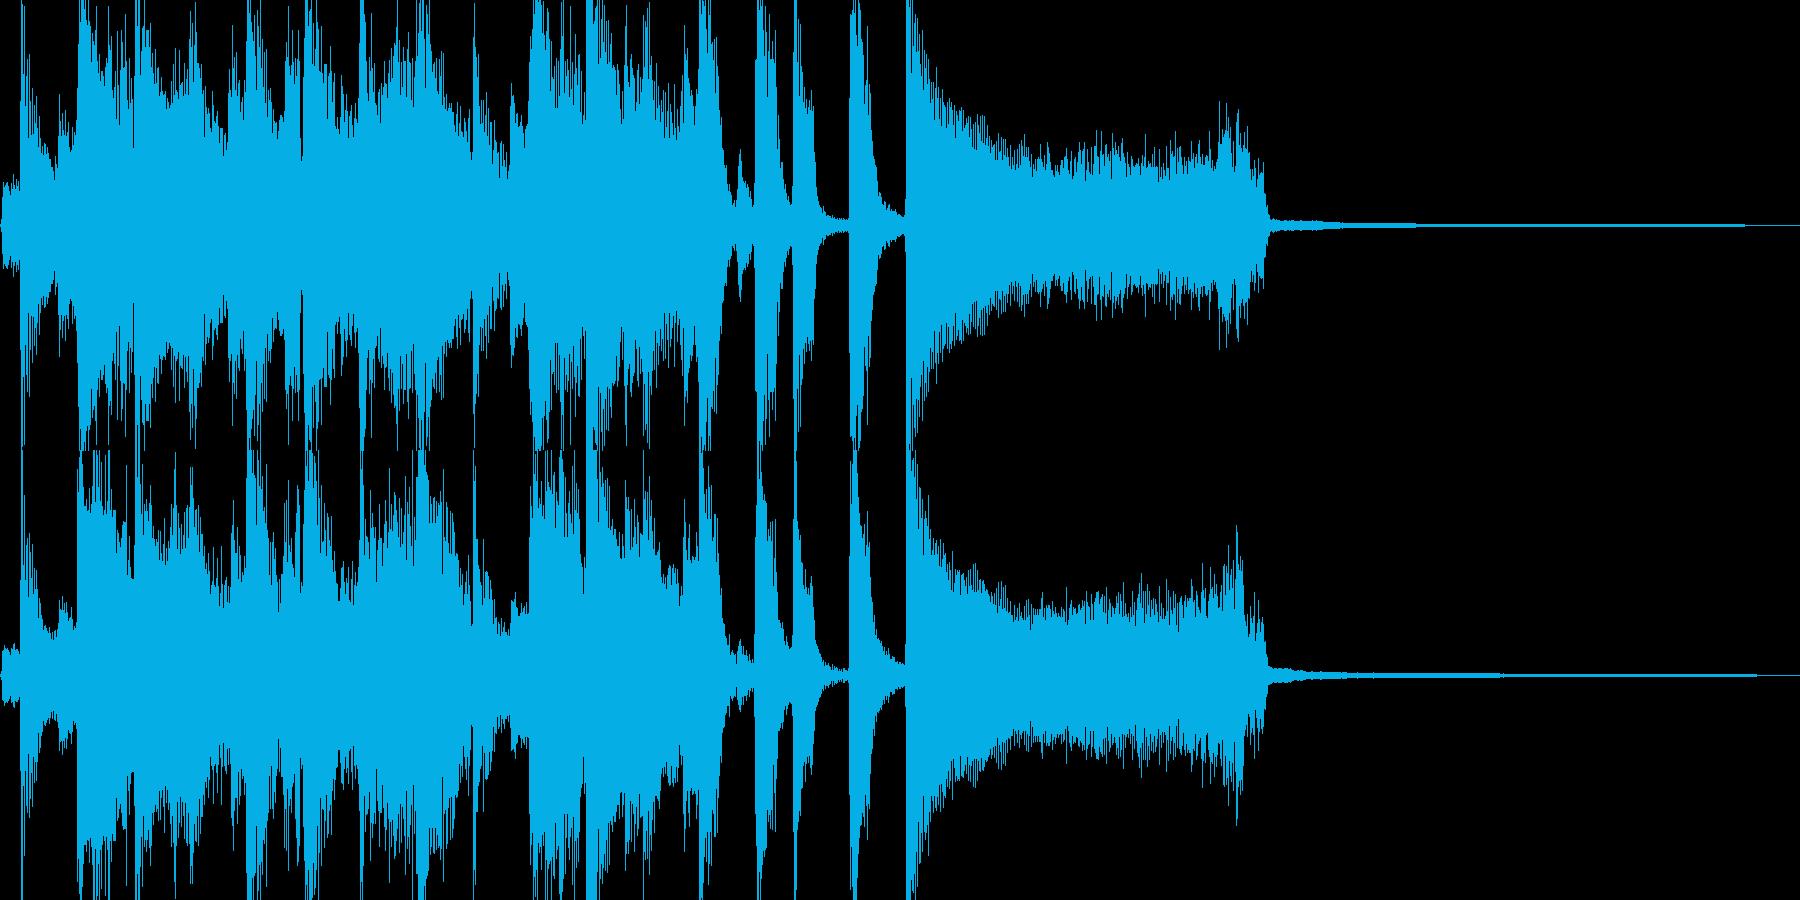 コミカルなトランペットのジャズジングルの再生済みの波形